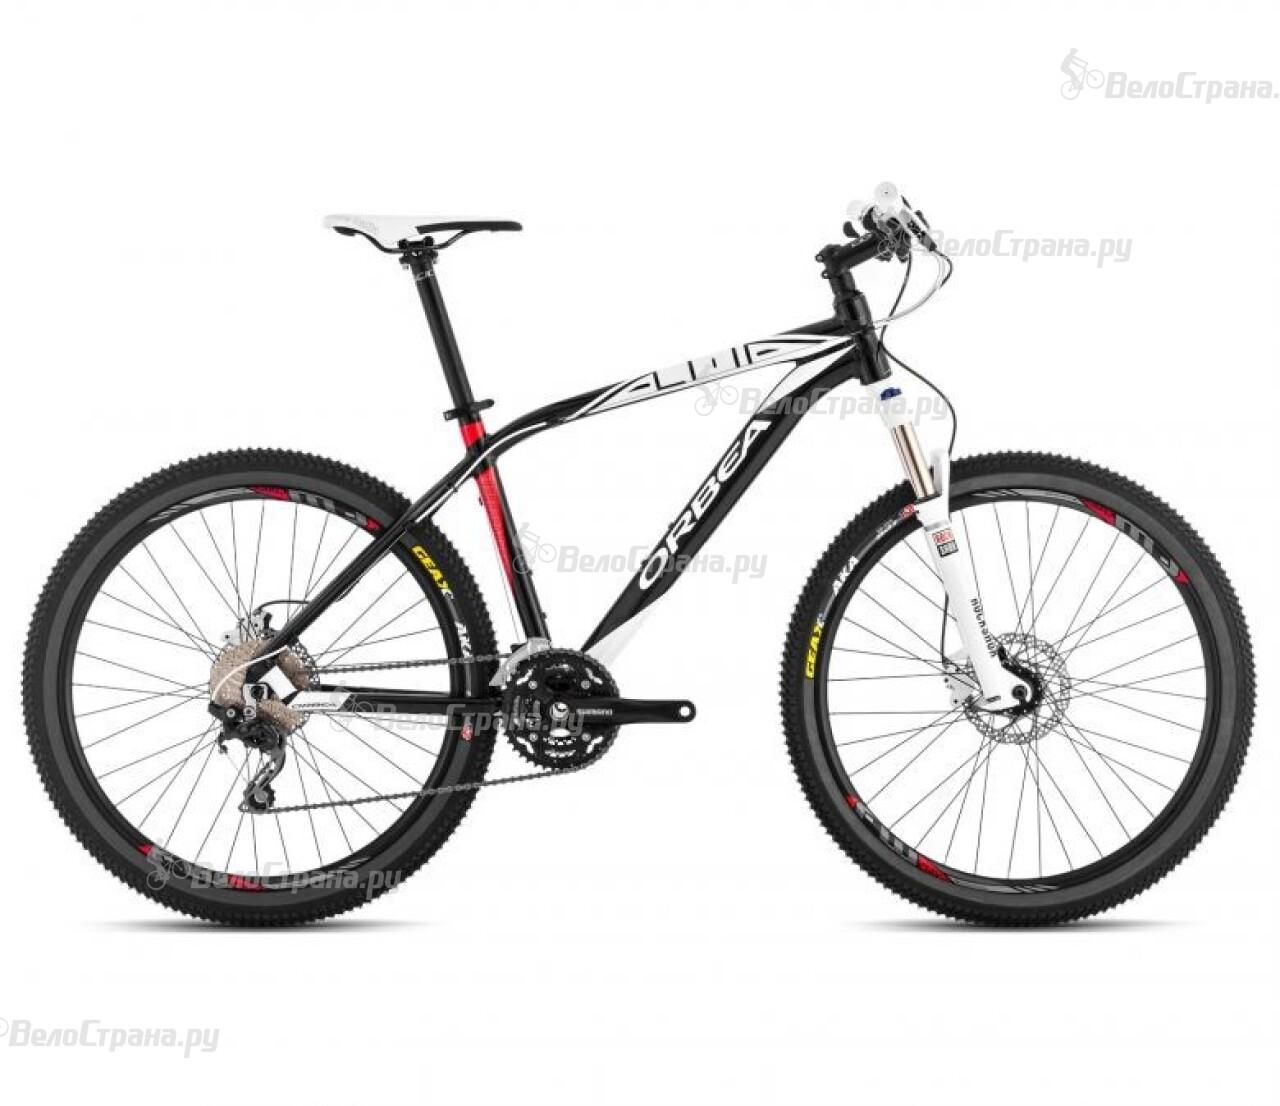 Велосипед Orbea Alma H70 (2014) rockshox domain dual crown 2014